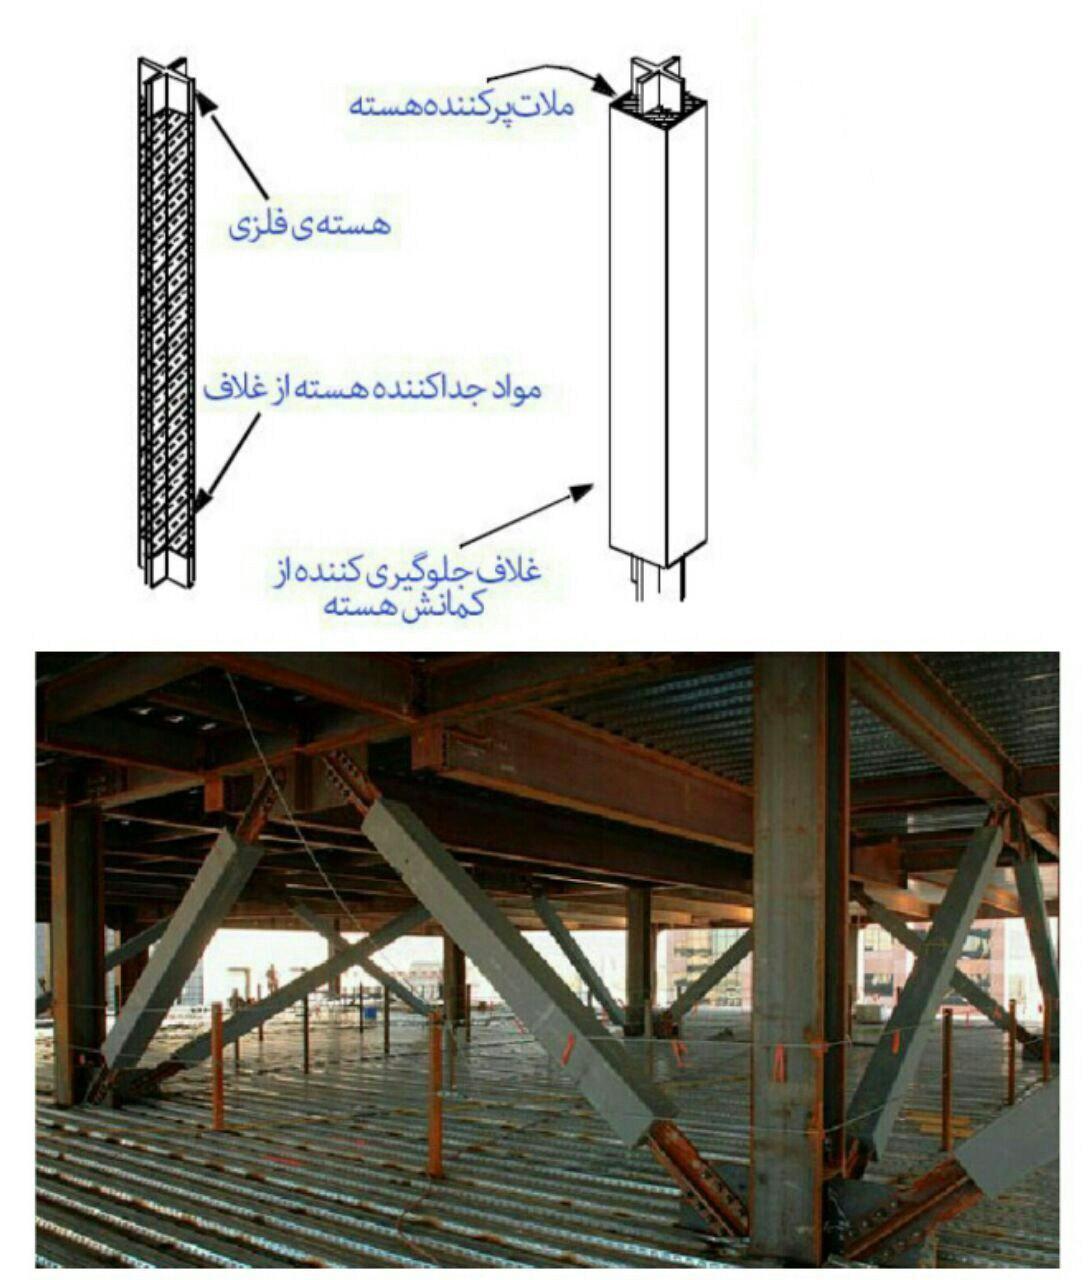 افزایش شکل پذیری ساختمان ها با مهاربندهای کمانش تاب